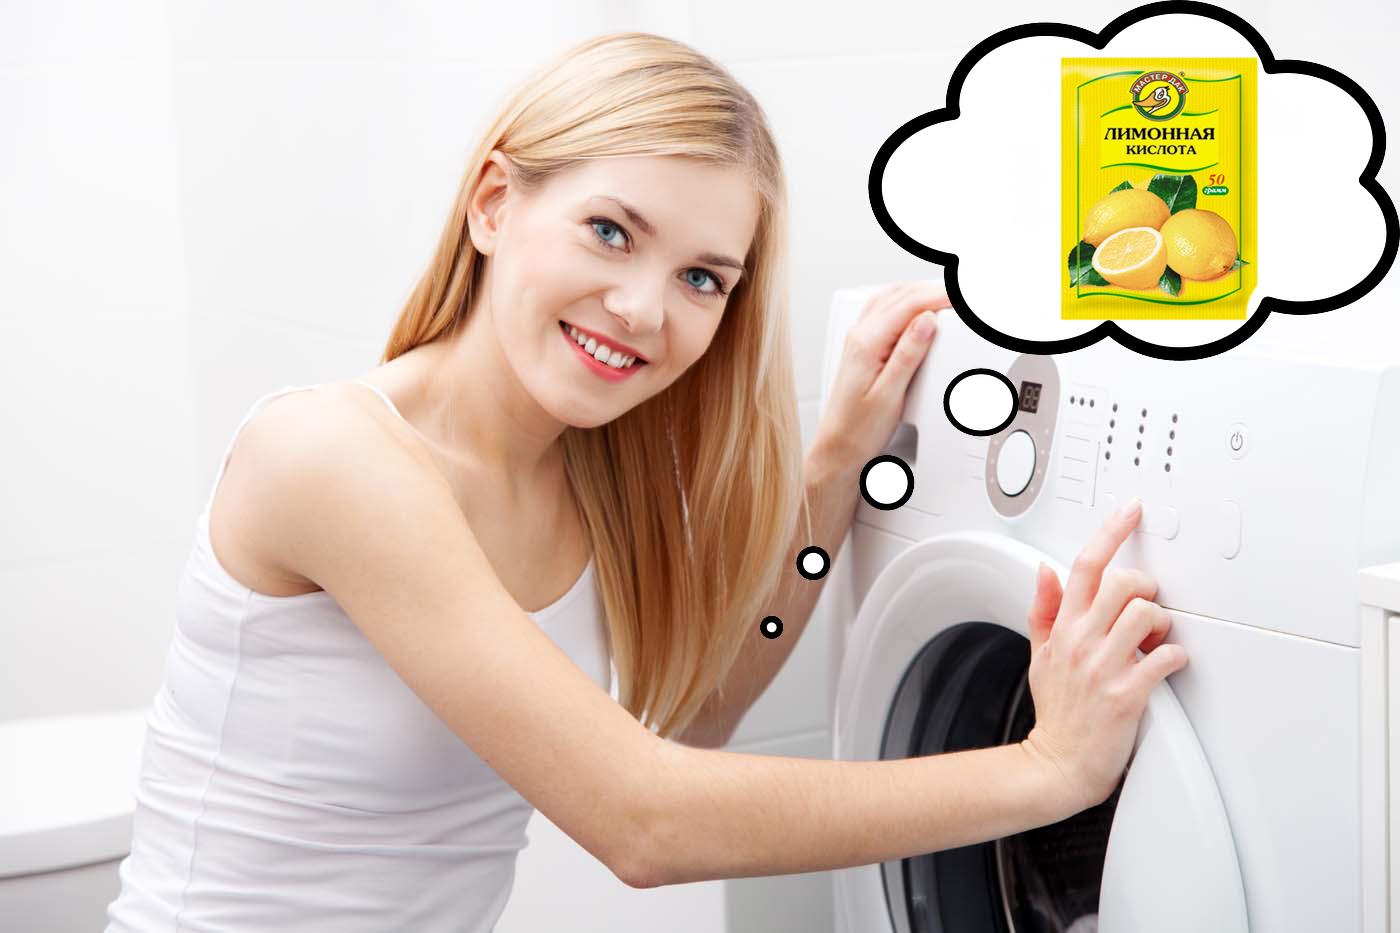 Чистка стиральной машины лимонной кислотой: инструкция по применению